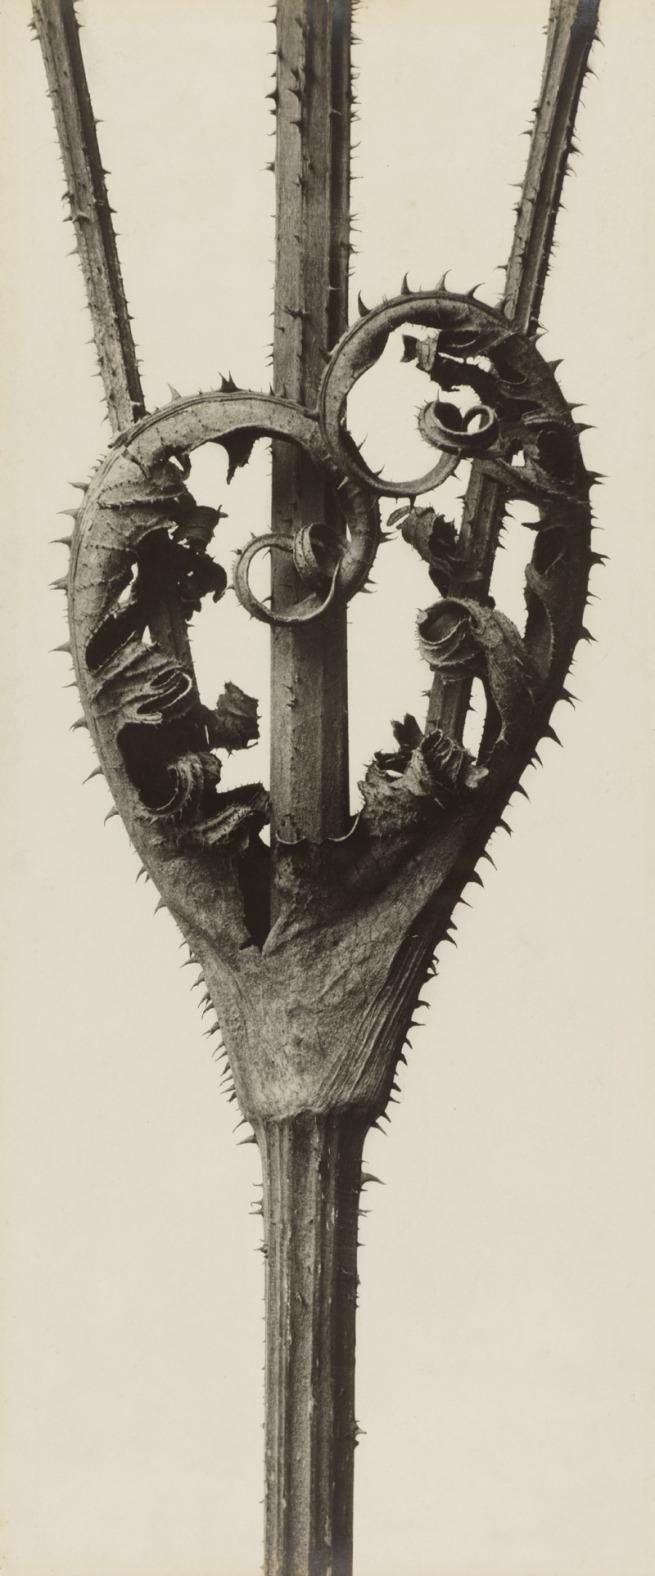 Karl Blossfeldt. 'Dipsacus laciniatus. Cutleaf Teasel' before 1927